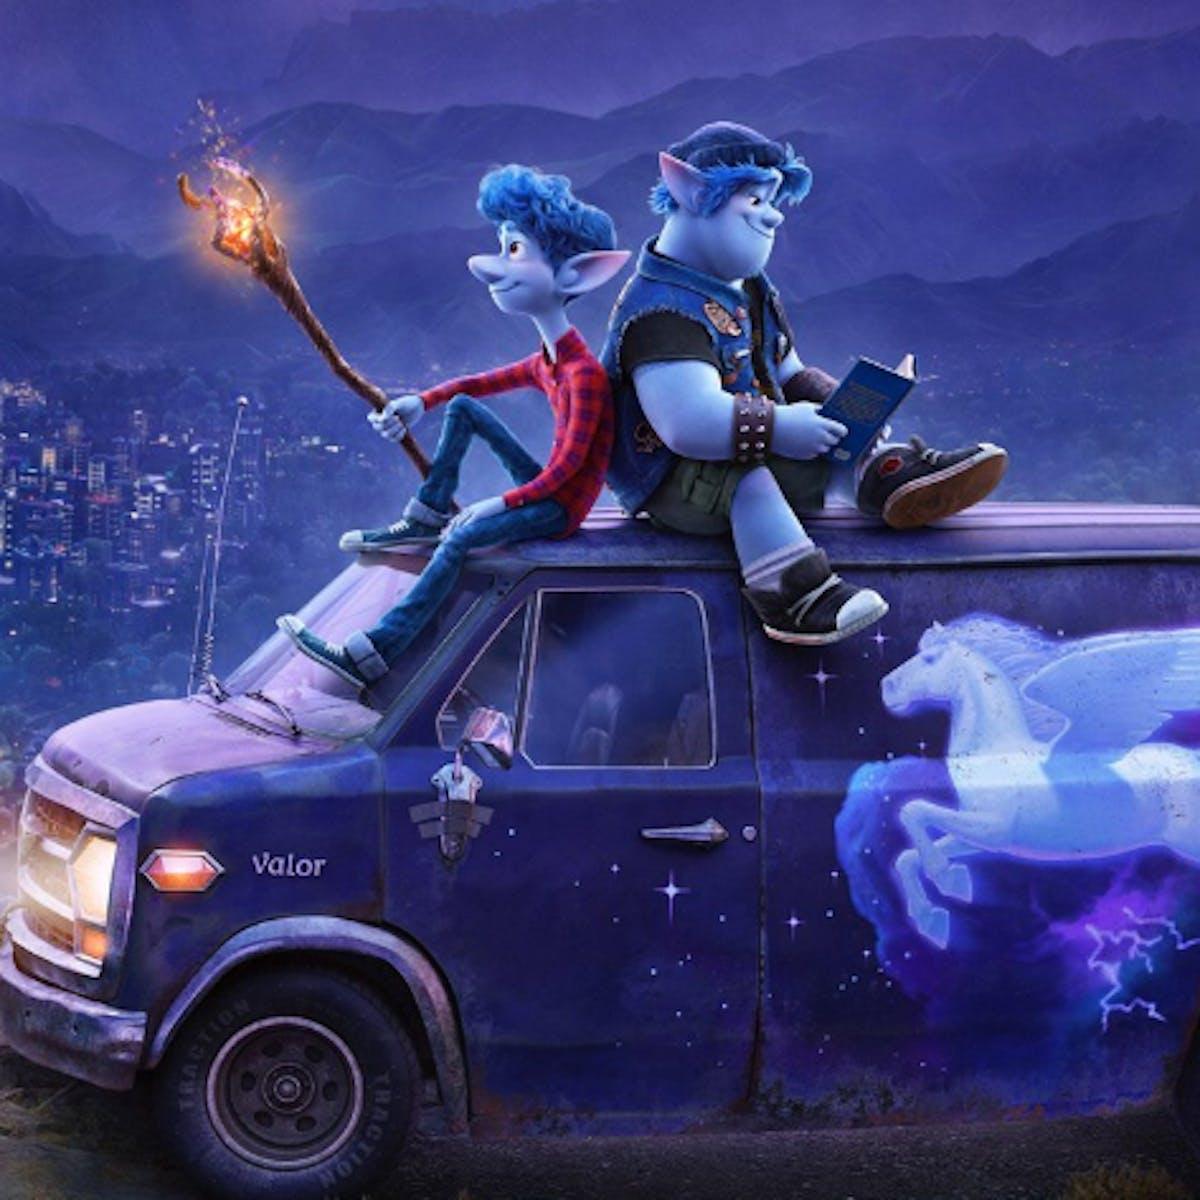 'Onward' trailer 2: 'Weekend at Bernies' meets fantasy in Pixar's latest